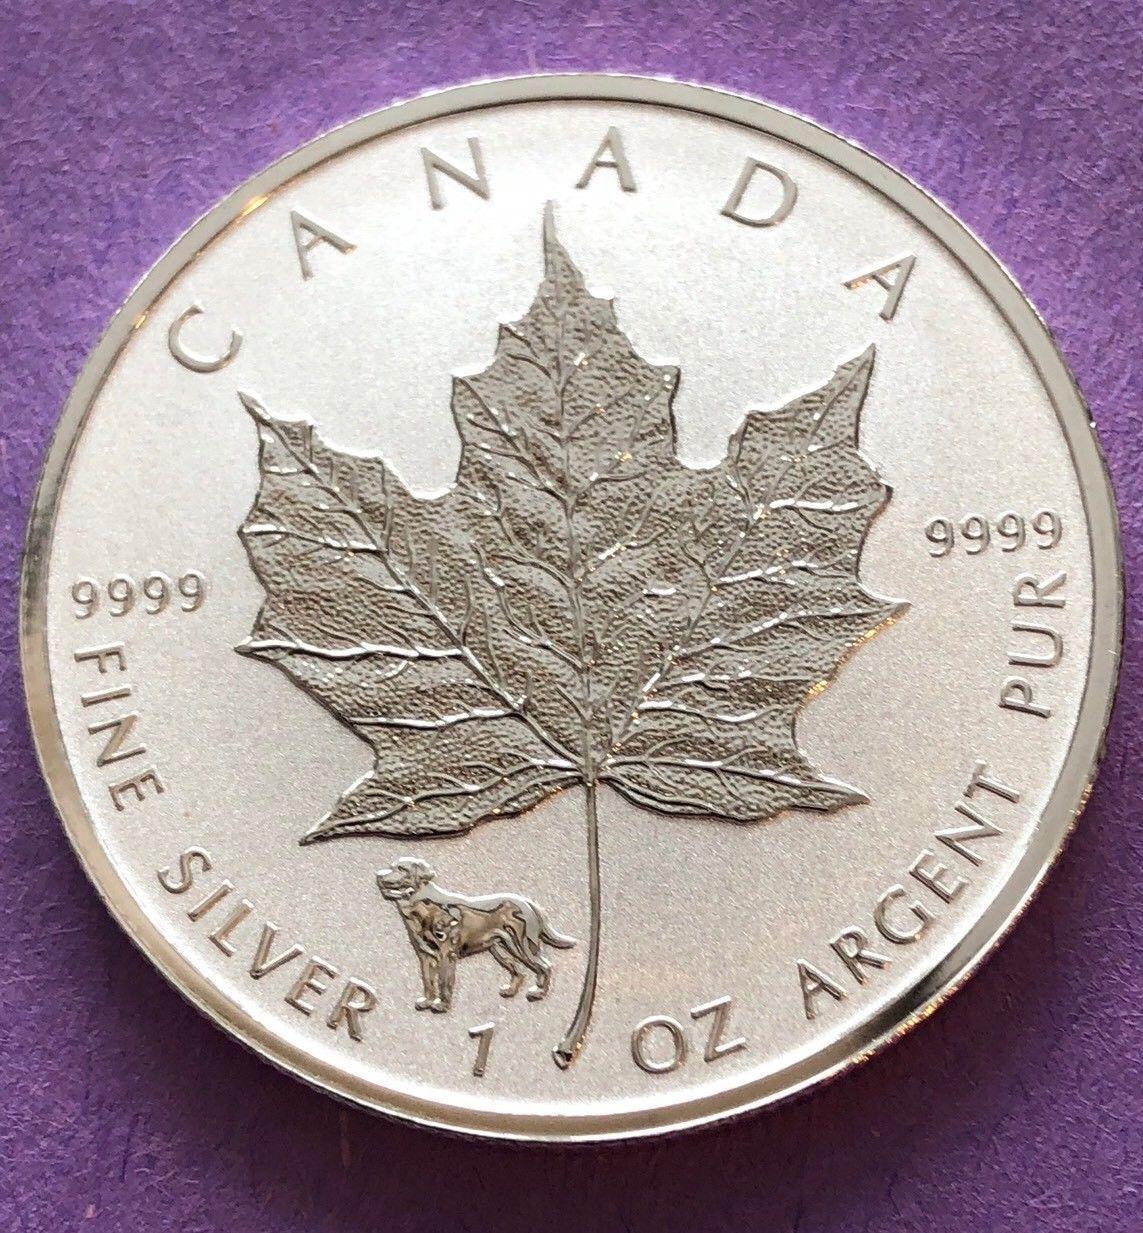 2018 1 oz Silver Canadian Maple Leaf Lunar Dog Privy .9999 Fine $5 Coin BU